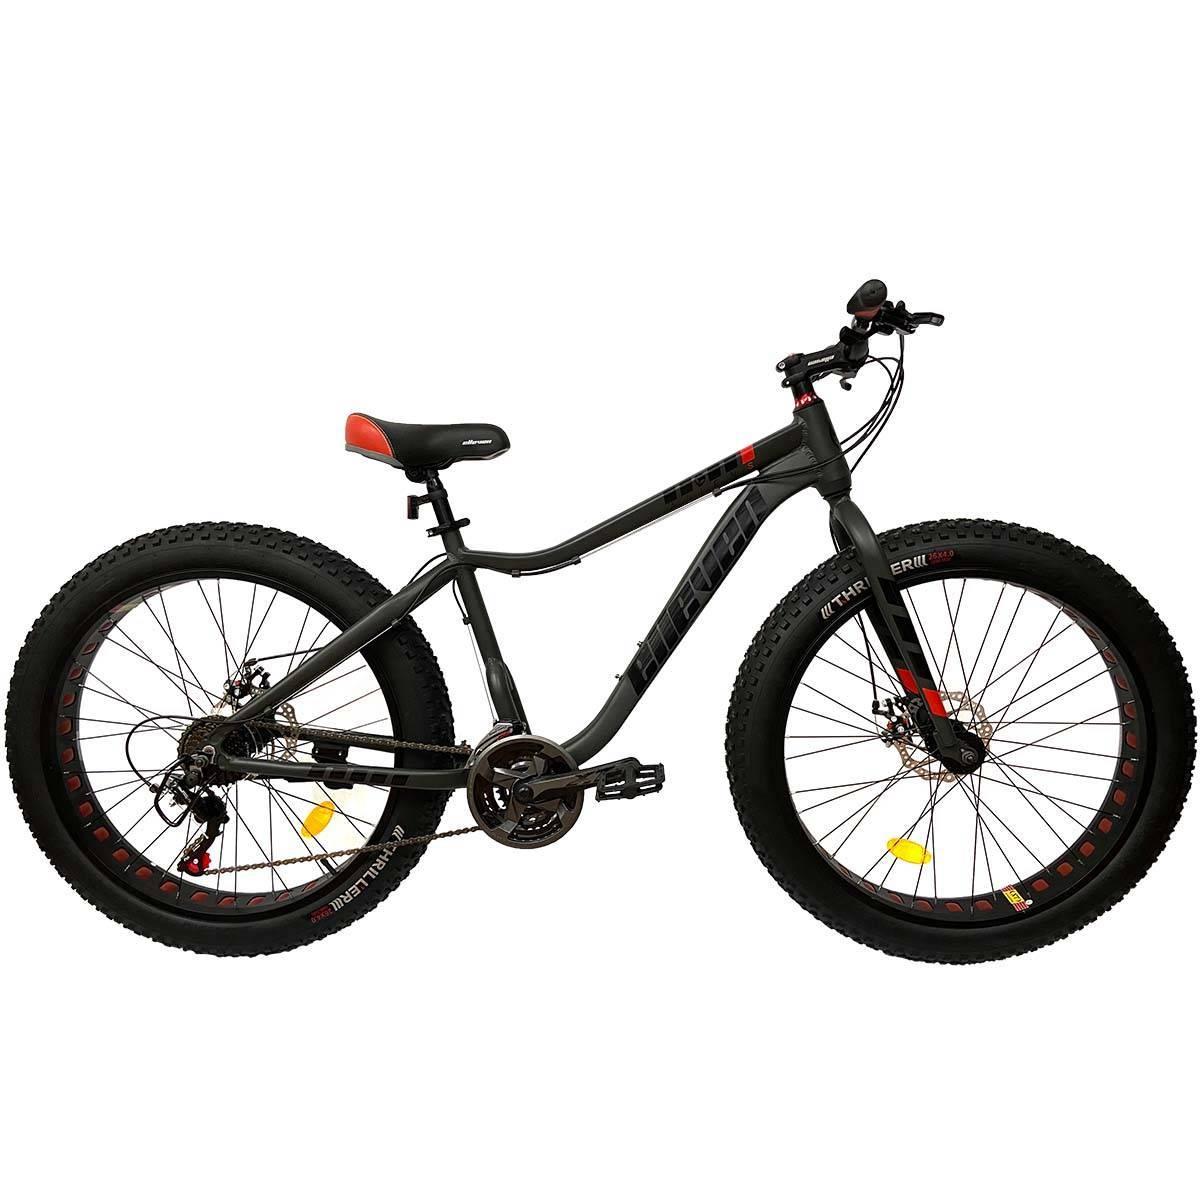 Bicicleta Elleven Fat 21v Aro 26 - Bike Portella